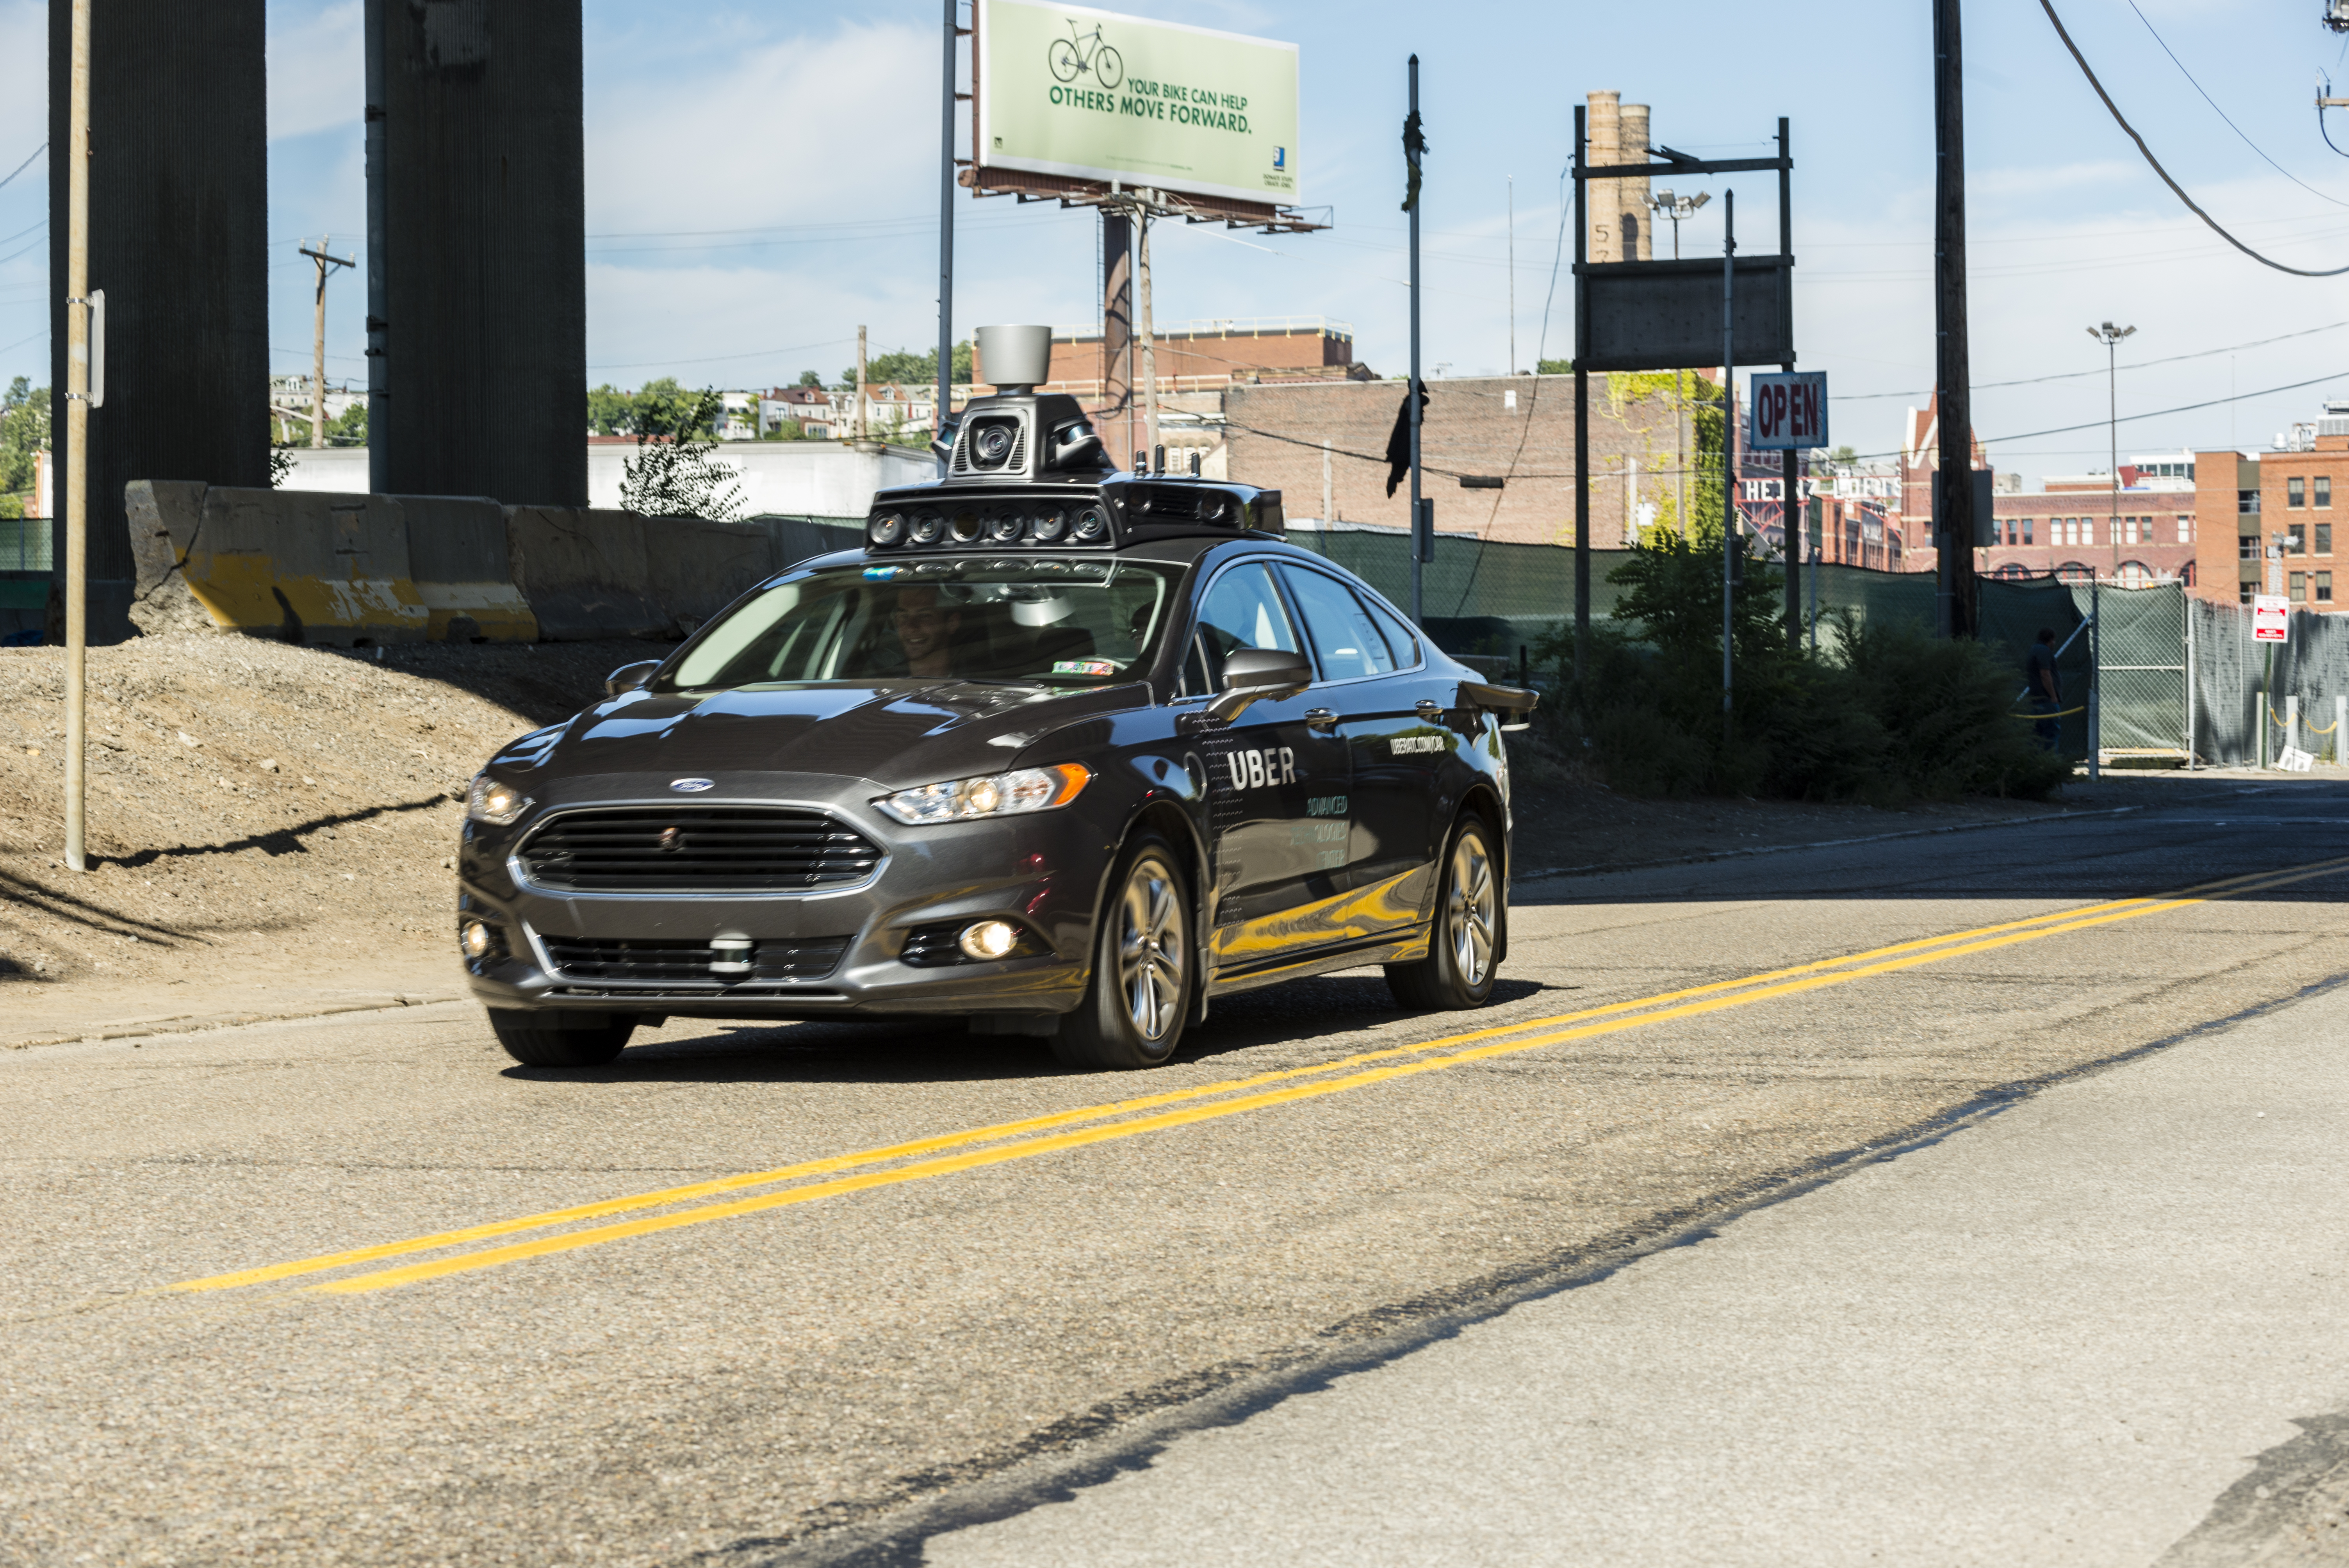 Az Uber önvezető autója érzékelhette a gyalogost, de a szoftver úgy 'döntött', hogy nem kanyarodik el